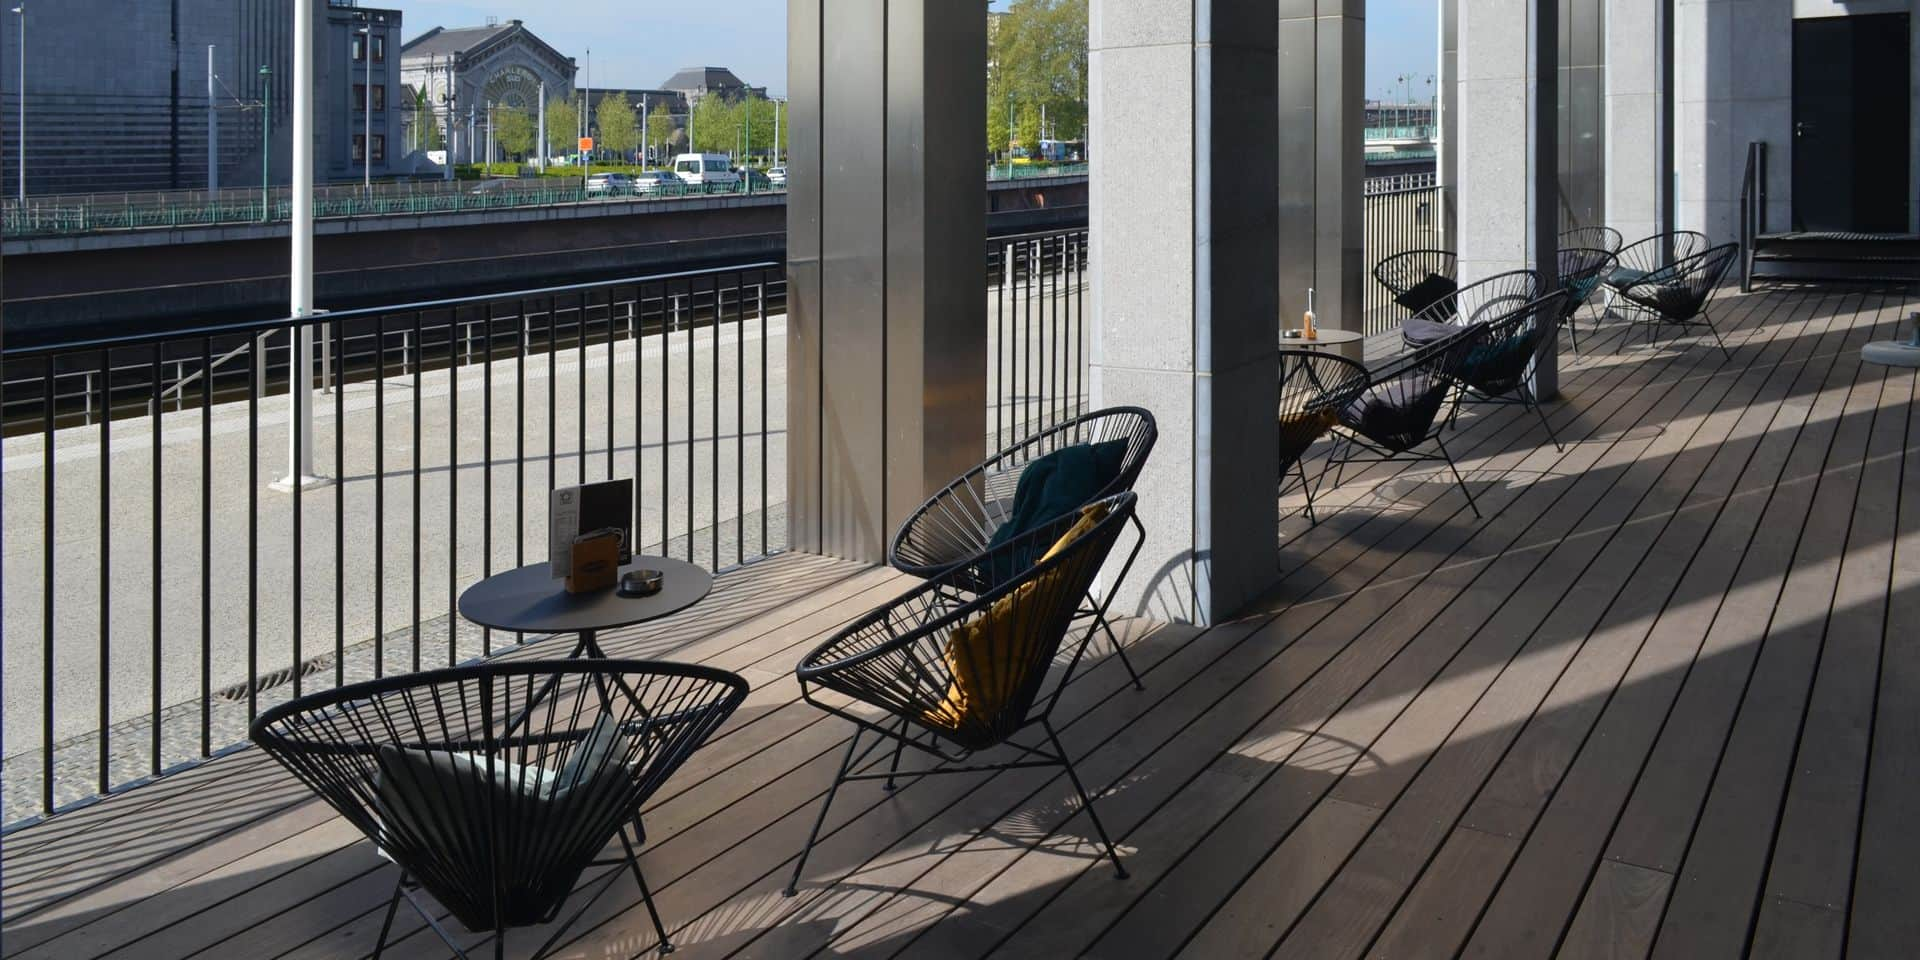 63 nouvelles extensions de terrasses approuvées à Charleroi, l'appel est toujours lancé pour le 8 mai